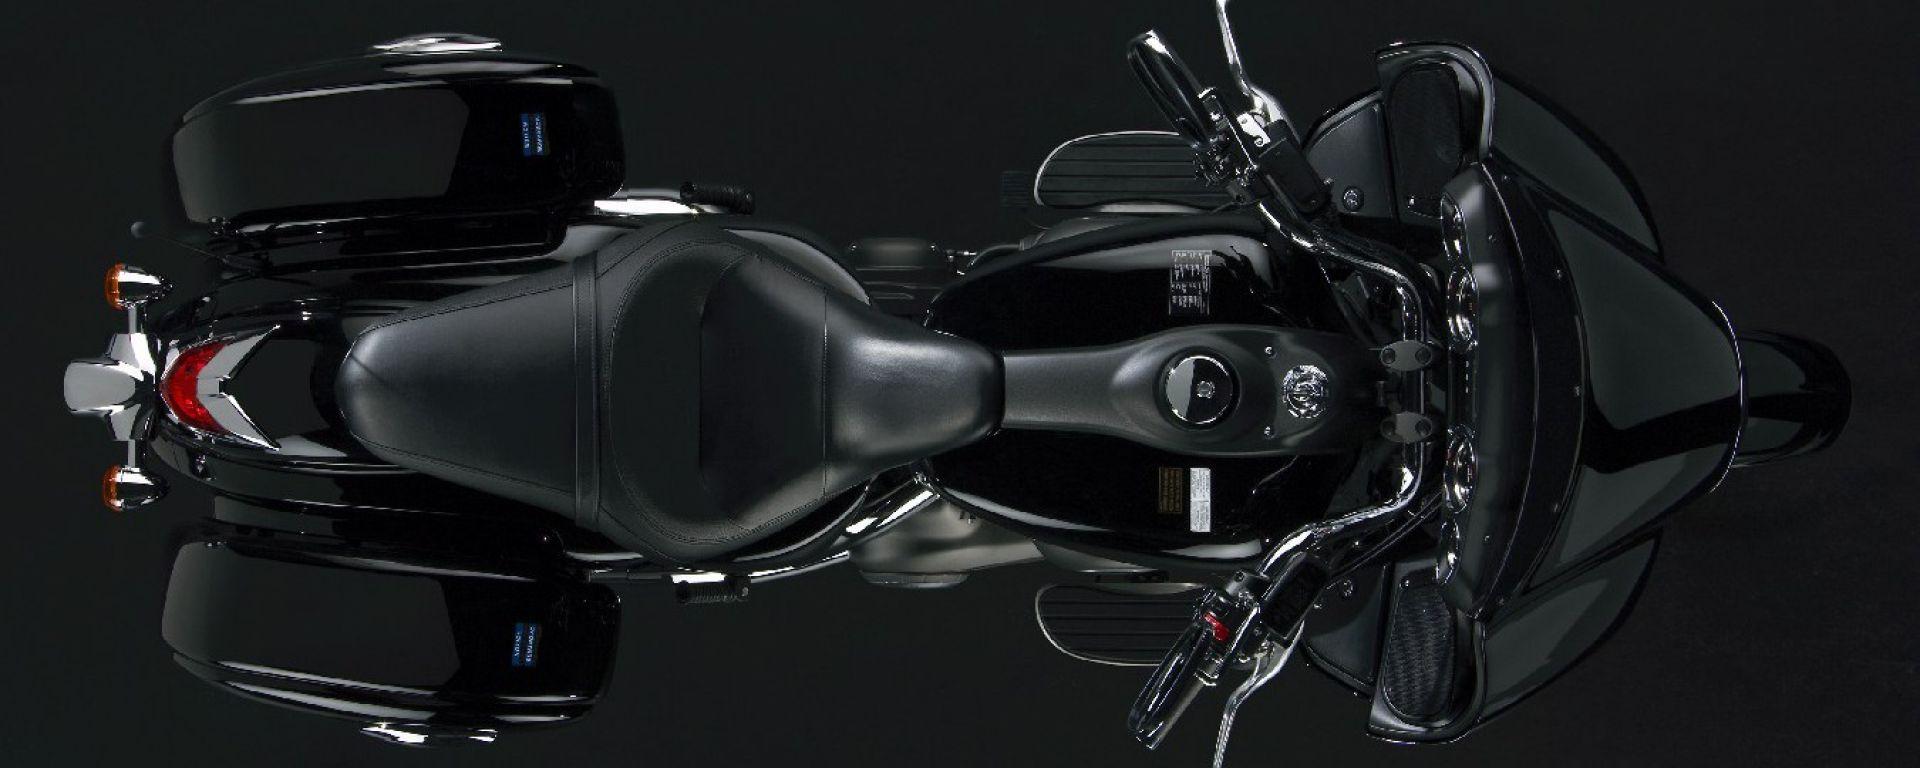 Kawasaki VN1700 Voyager Custom ABS